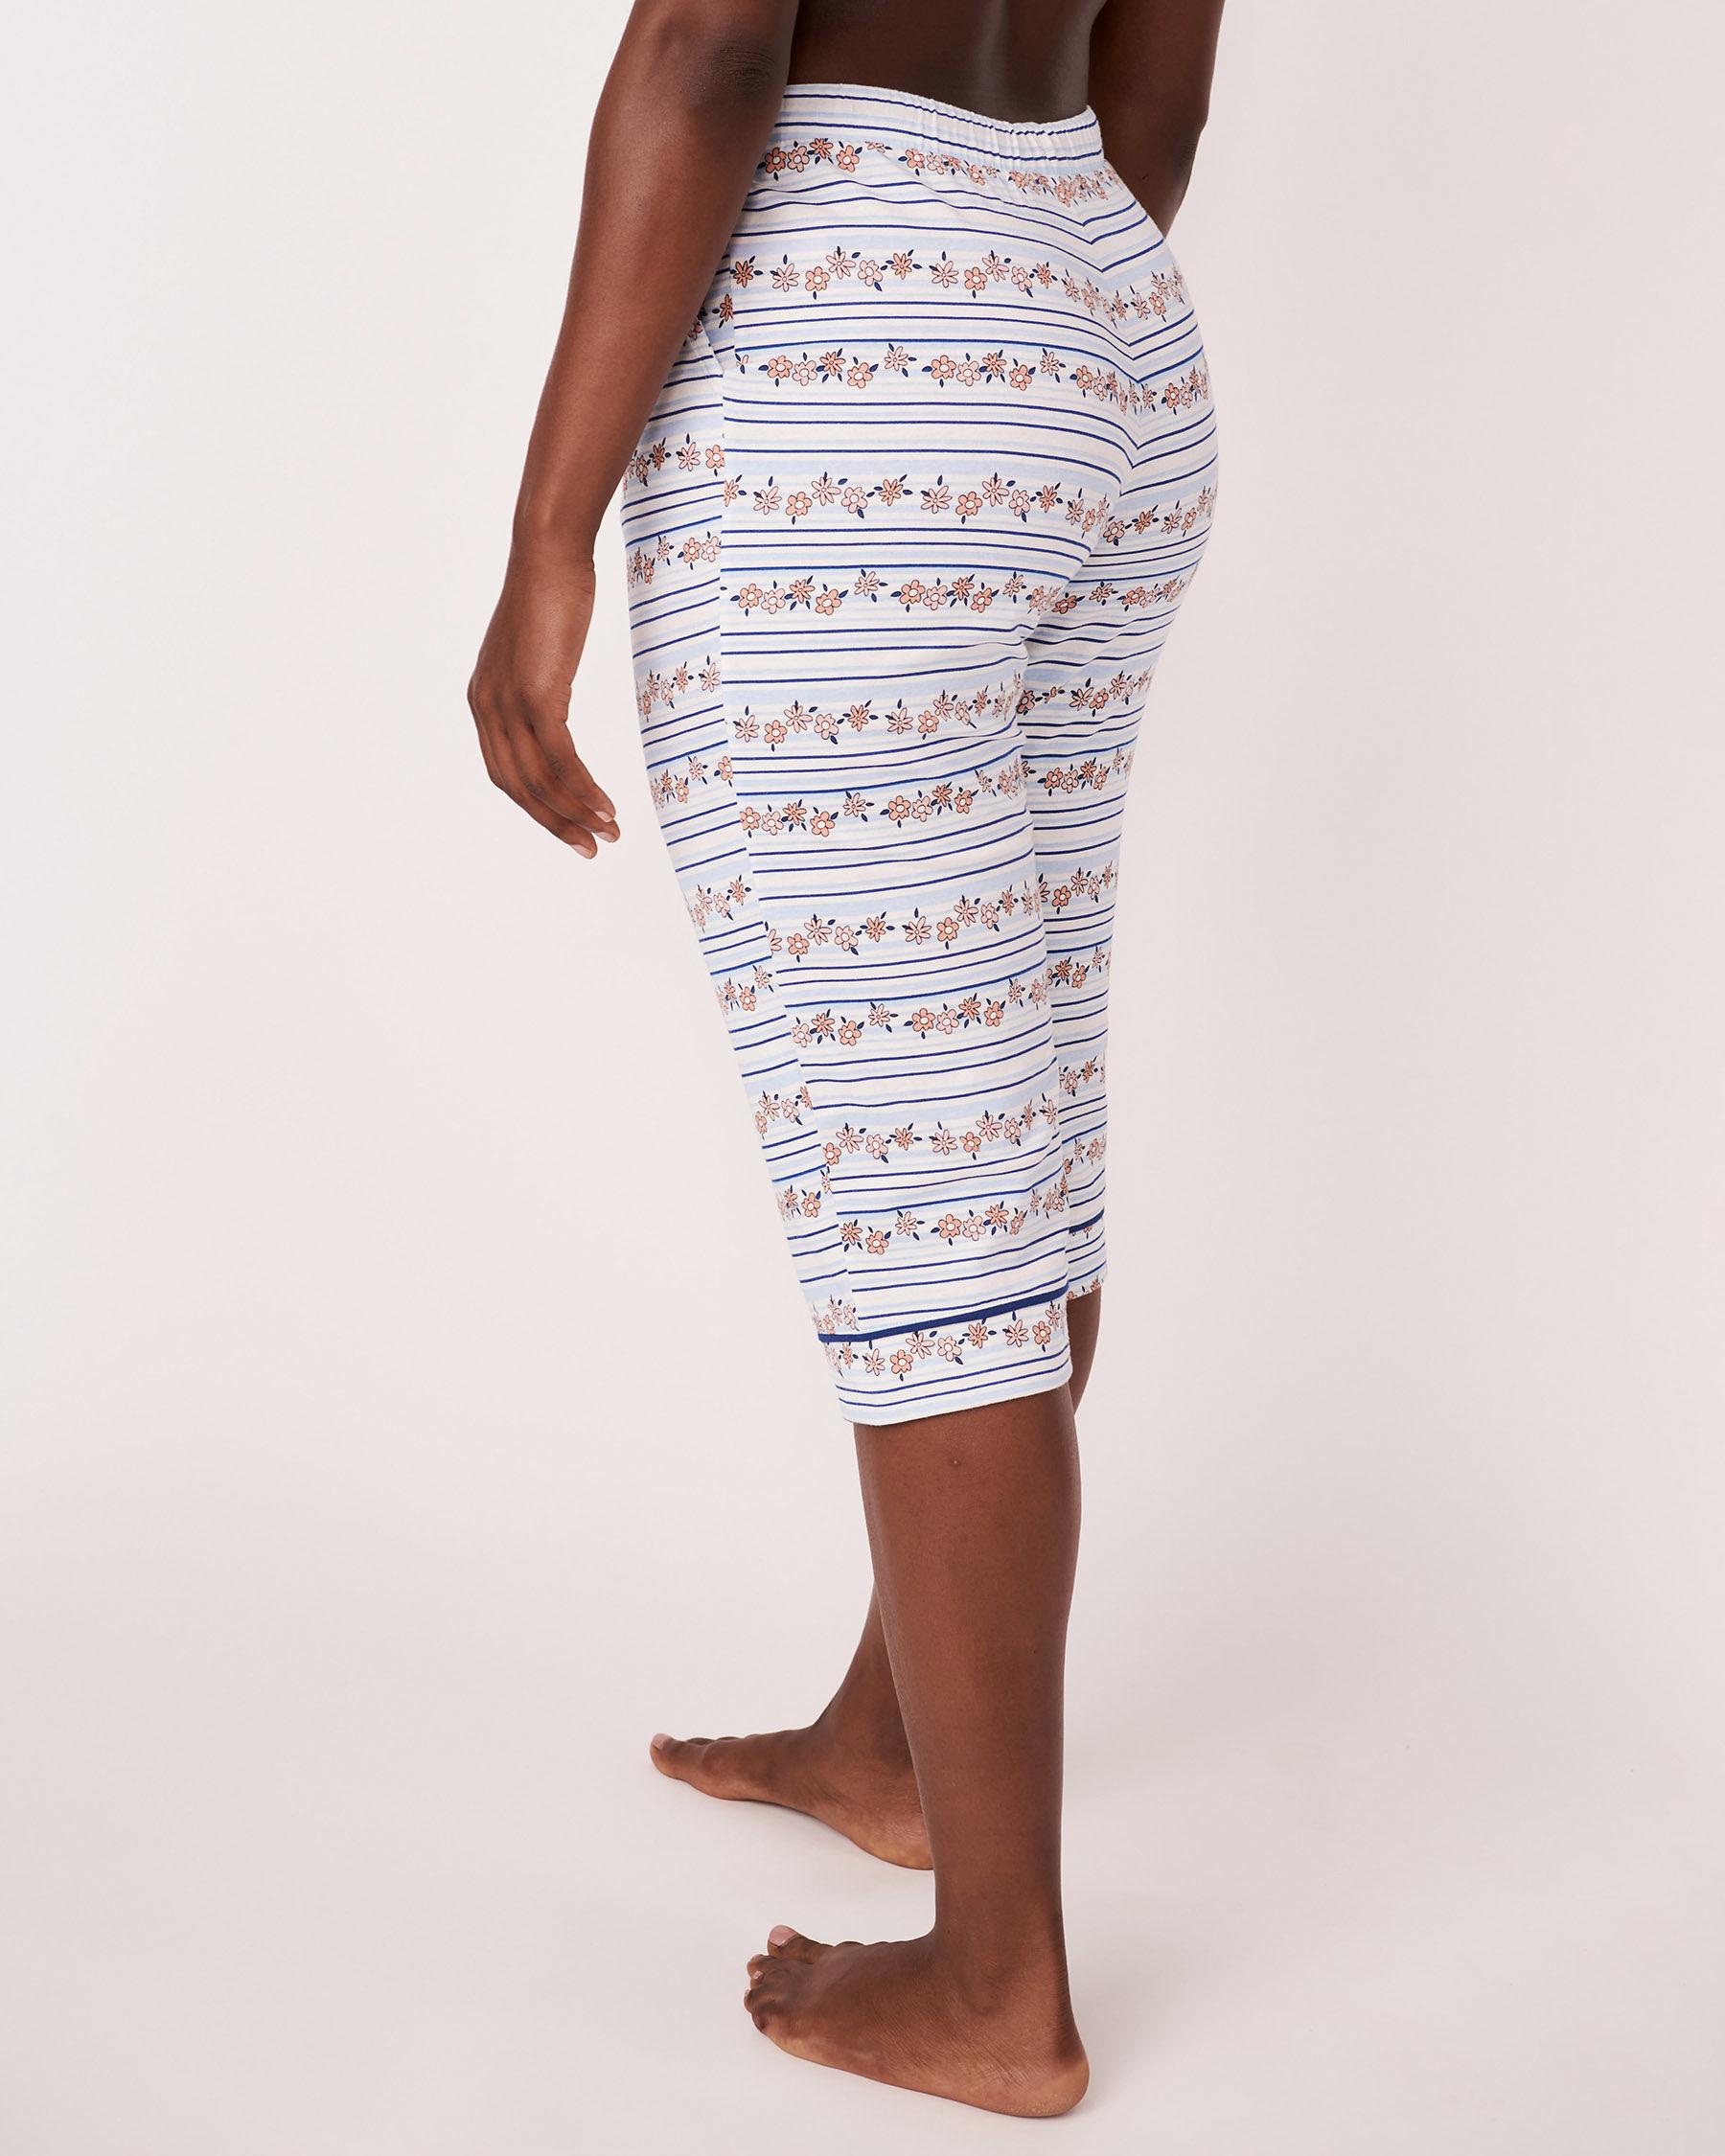 LA VIE EN ROSE Elastic Waistband Straight Leg Capri Stripes and print 878-389-1-11 - View2